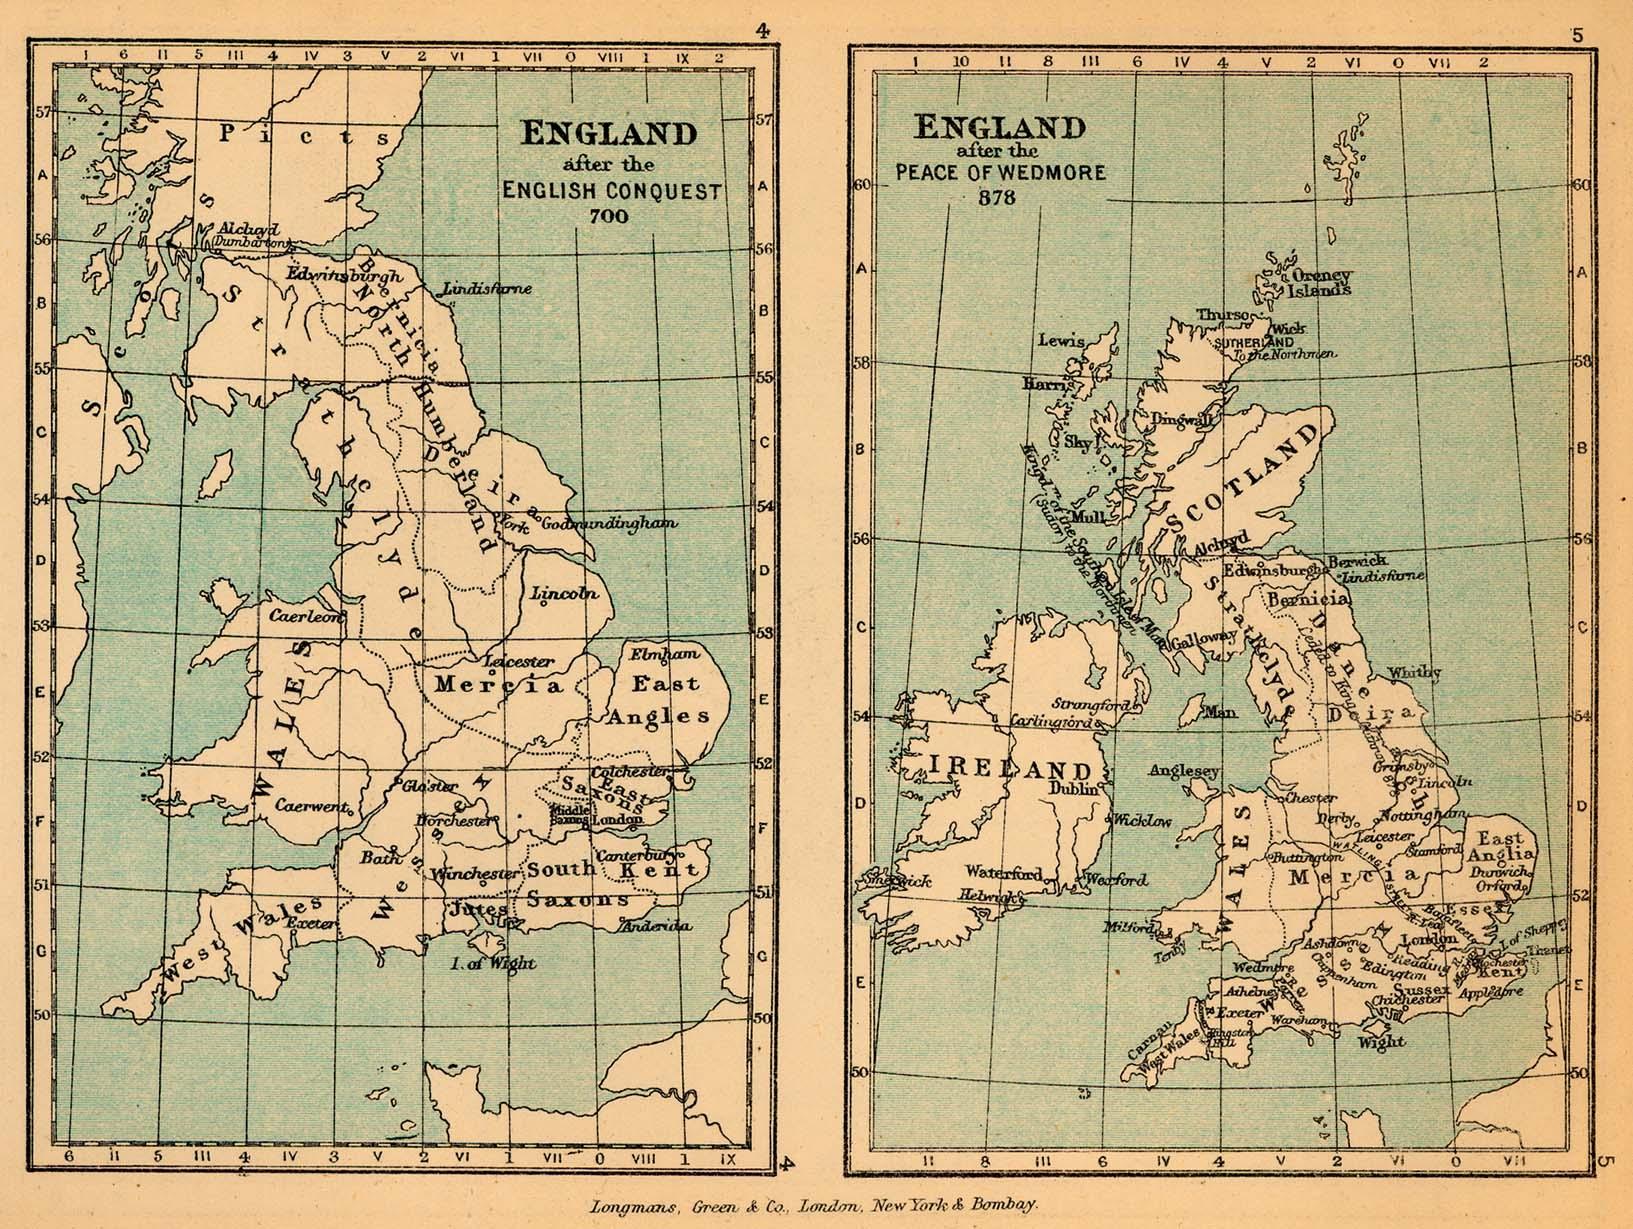 Inglaterra in 700 y 878 (409K).